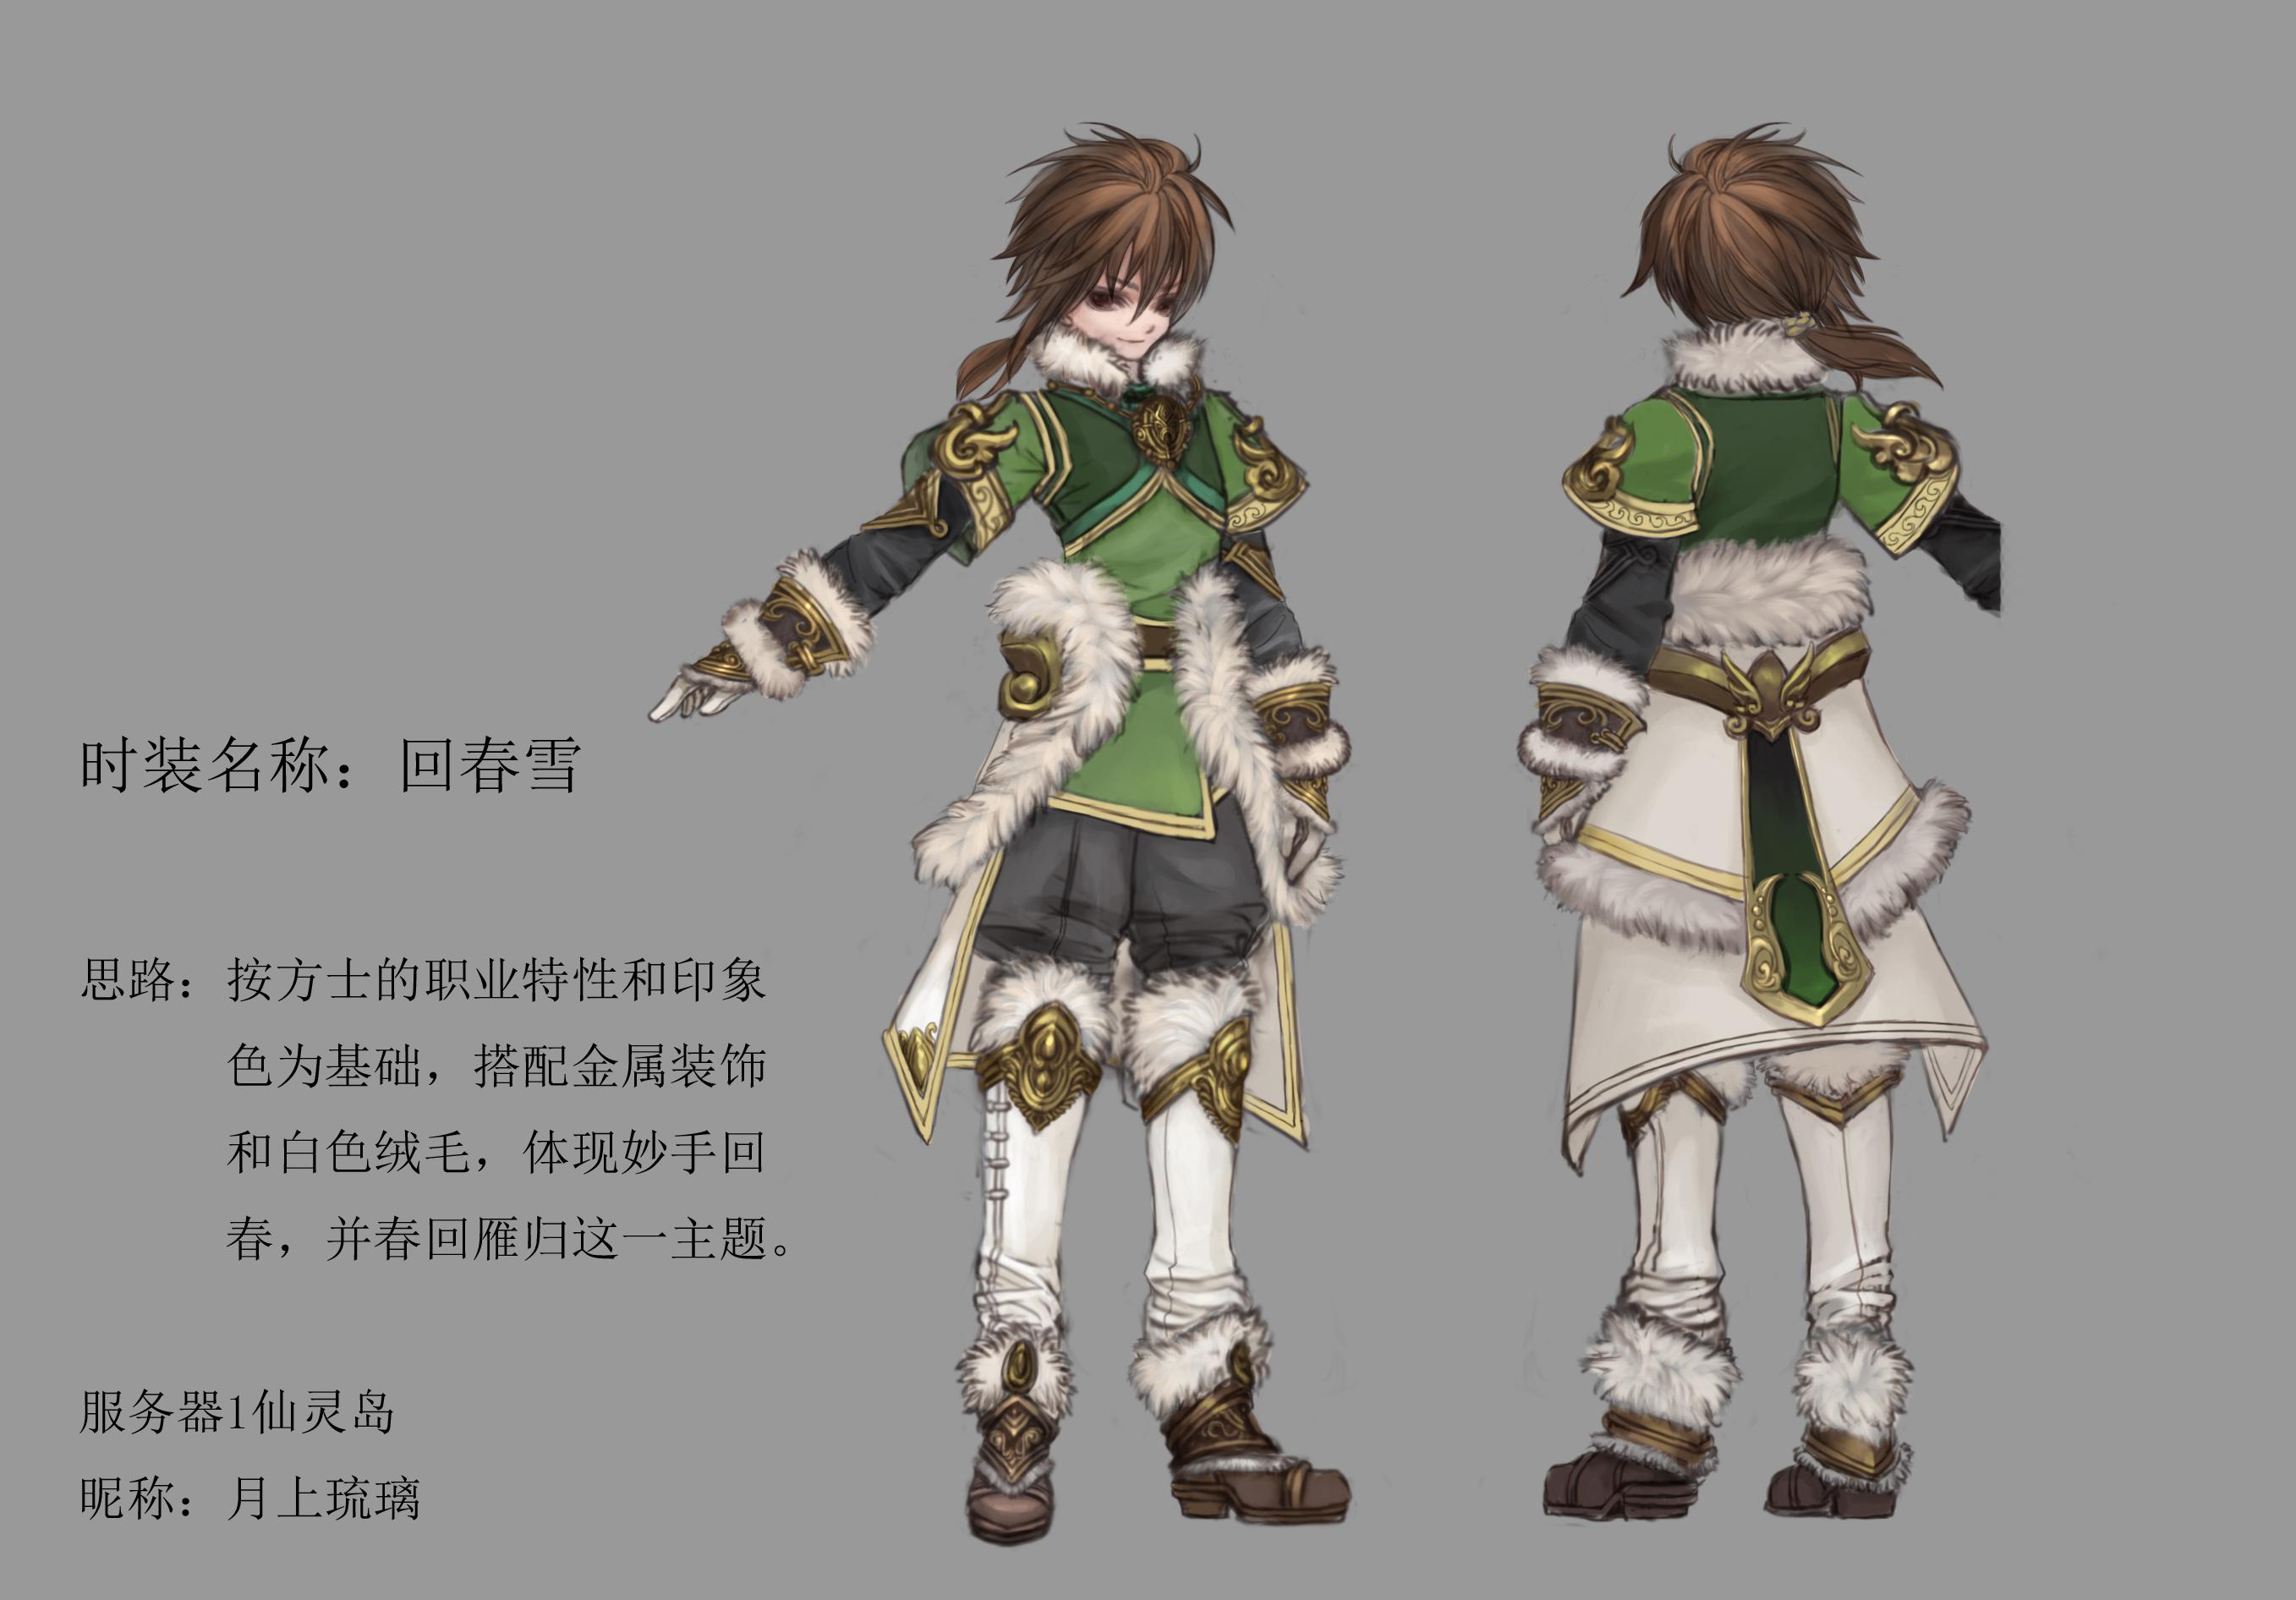 《新仙剑》服装设计比赛获奖者作品集锦(三)